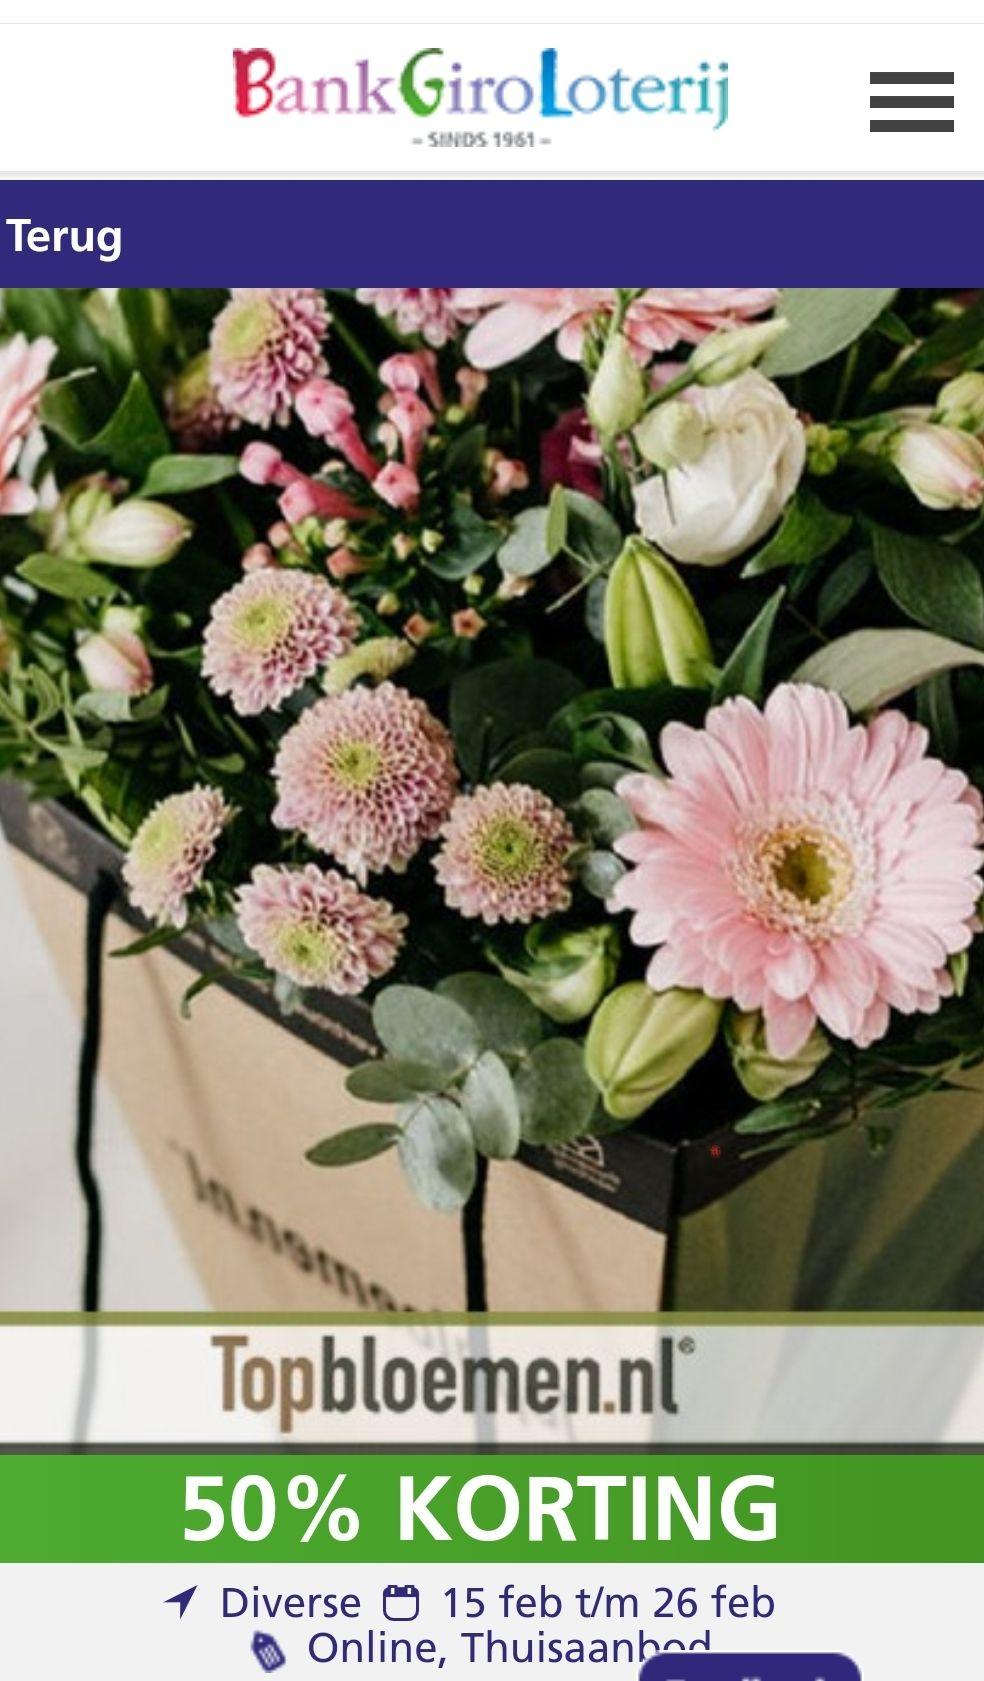 Topbloemen 30 euro tegoed voor 12,50 via Bankgiroloterij VIP